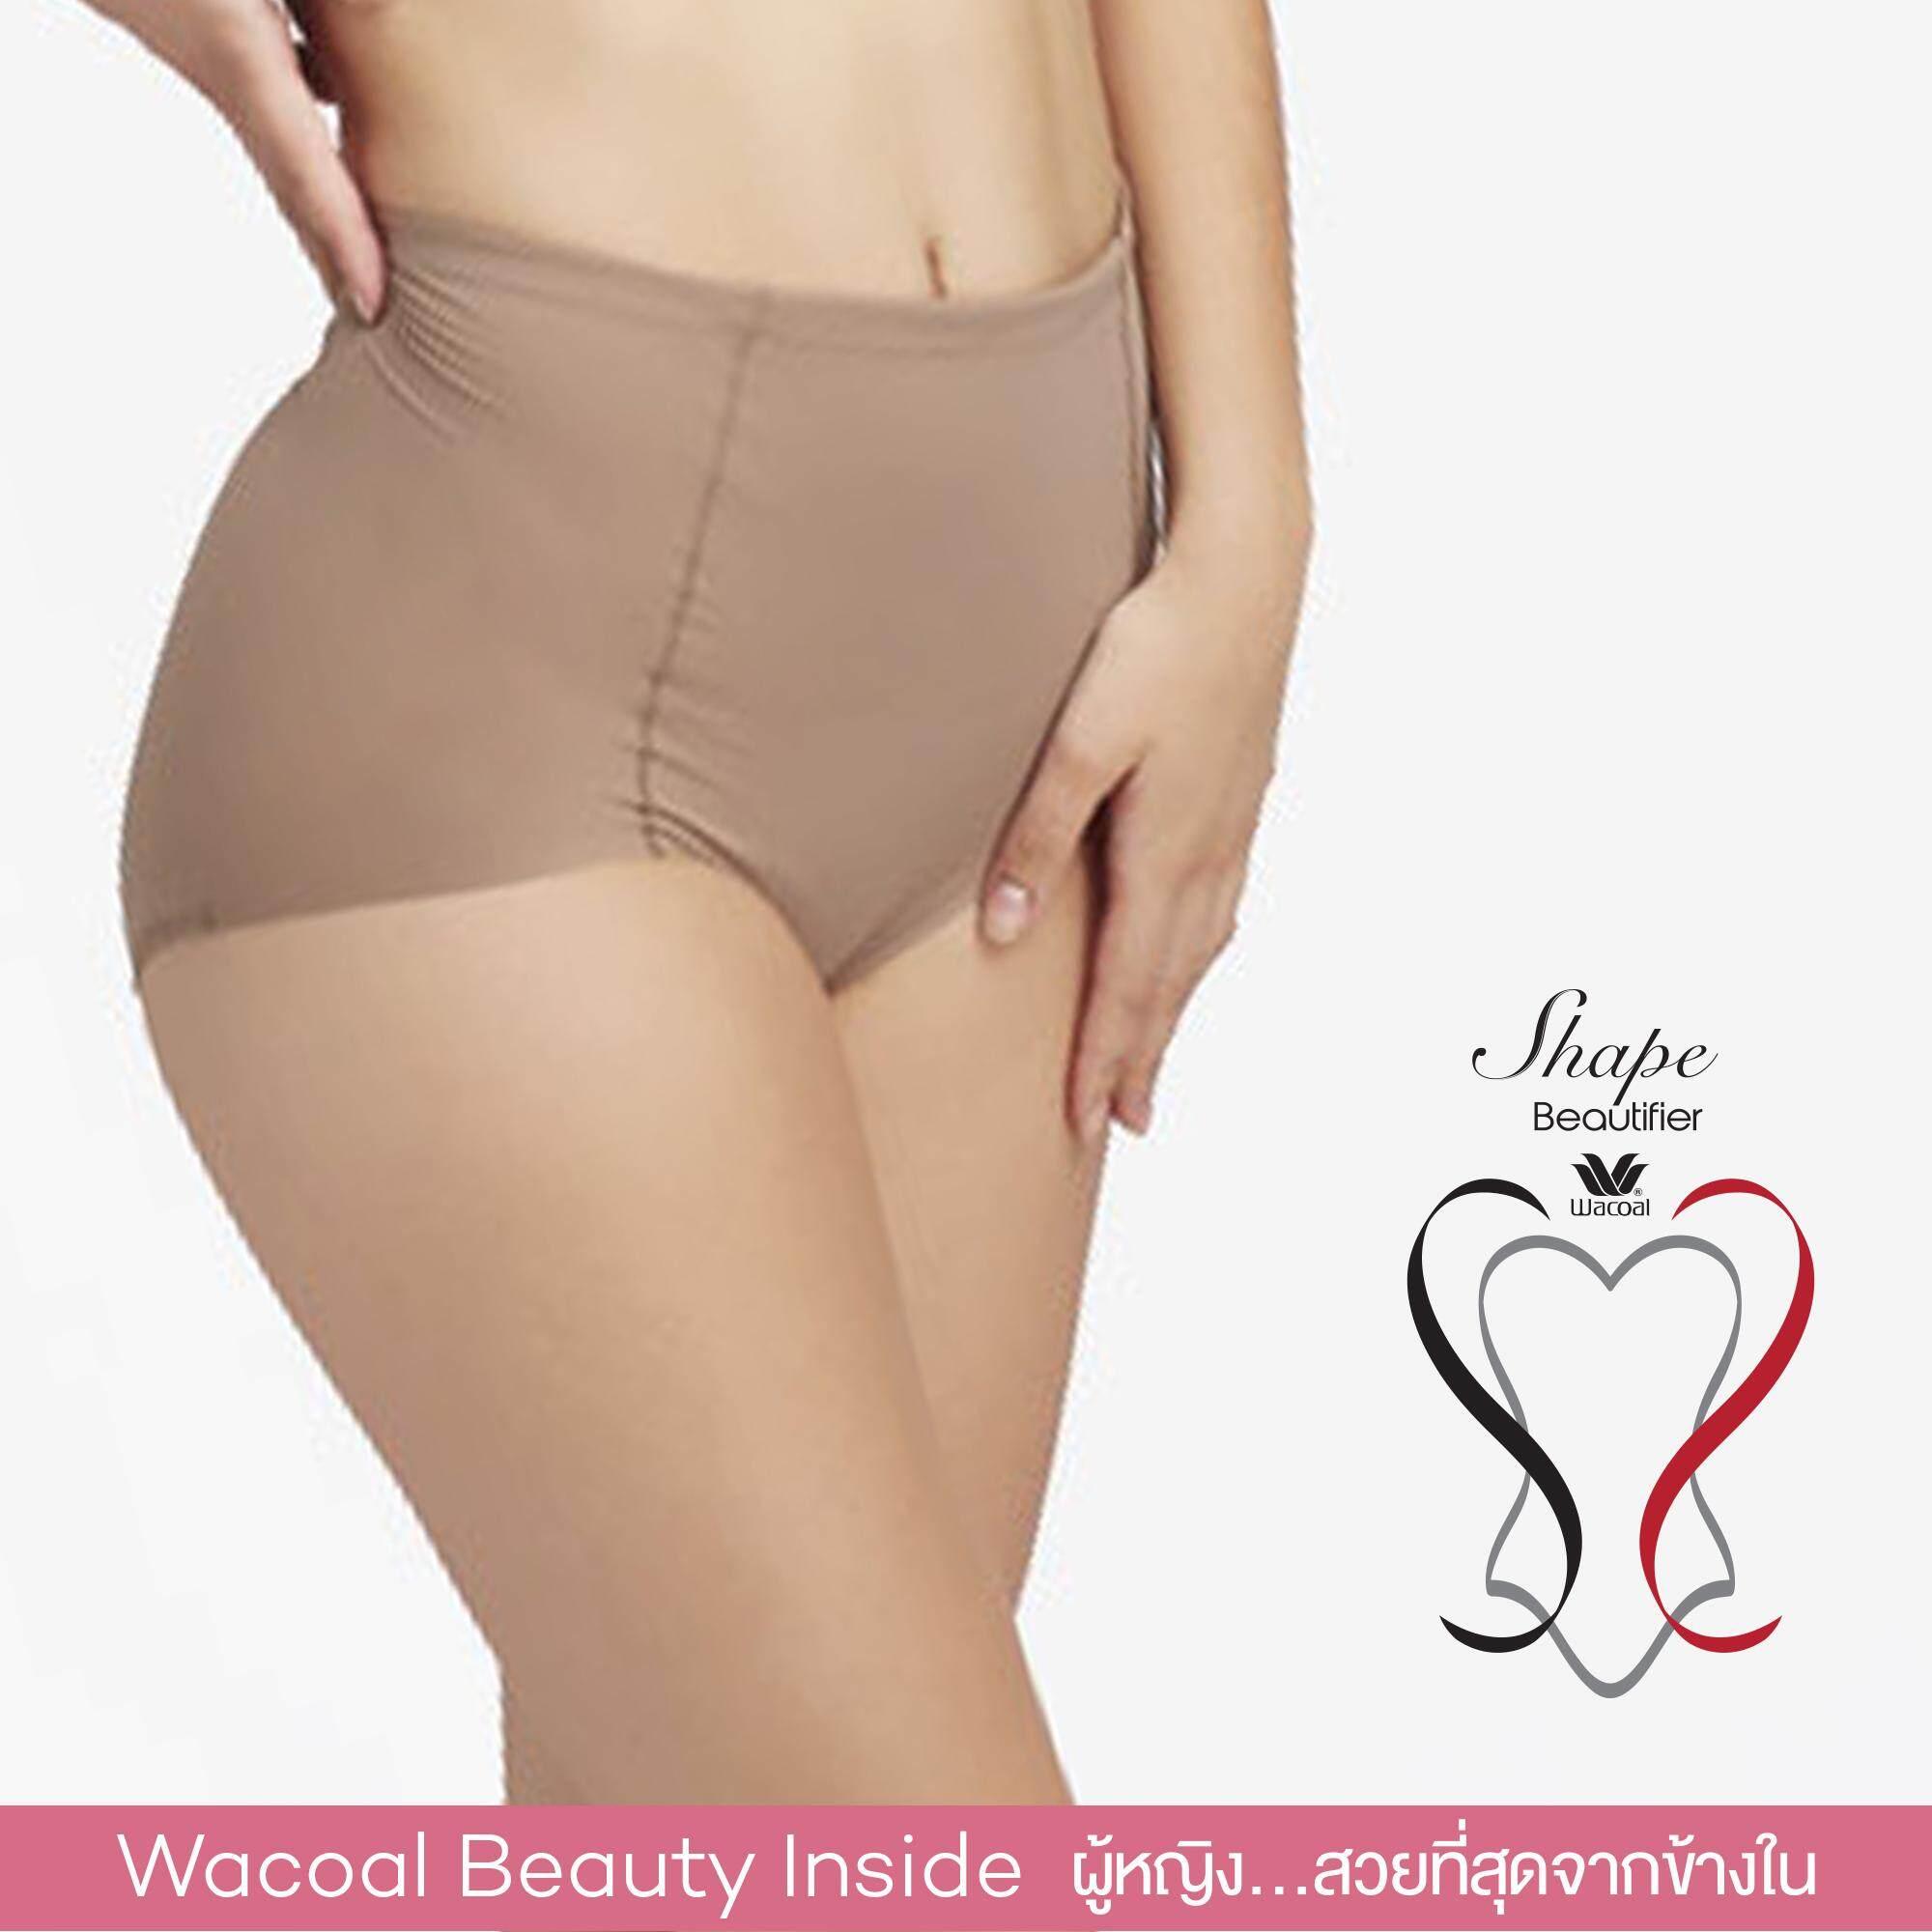 Wacoal Shape Beautifier Body Base Hips กางเกงยกสะโพก - WY1140